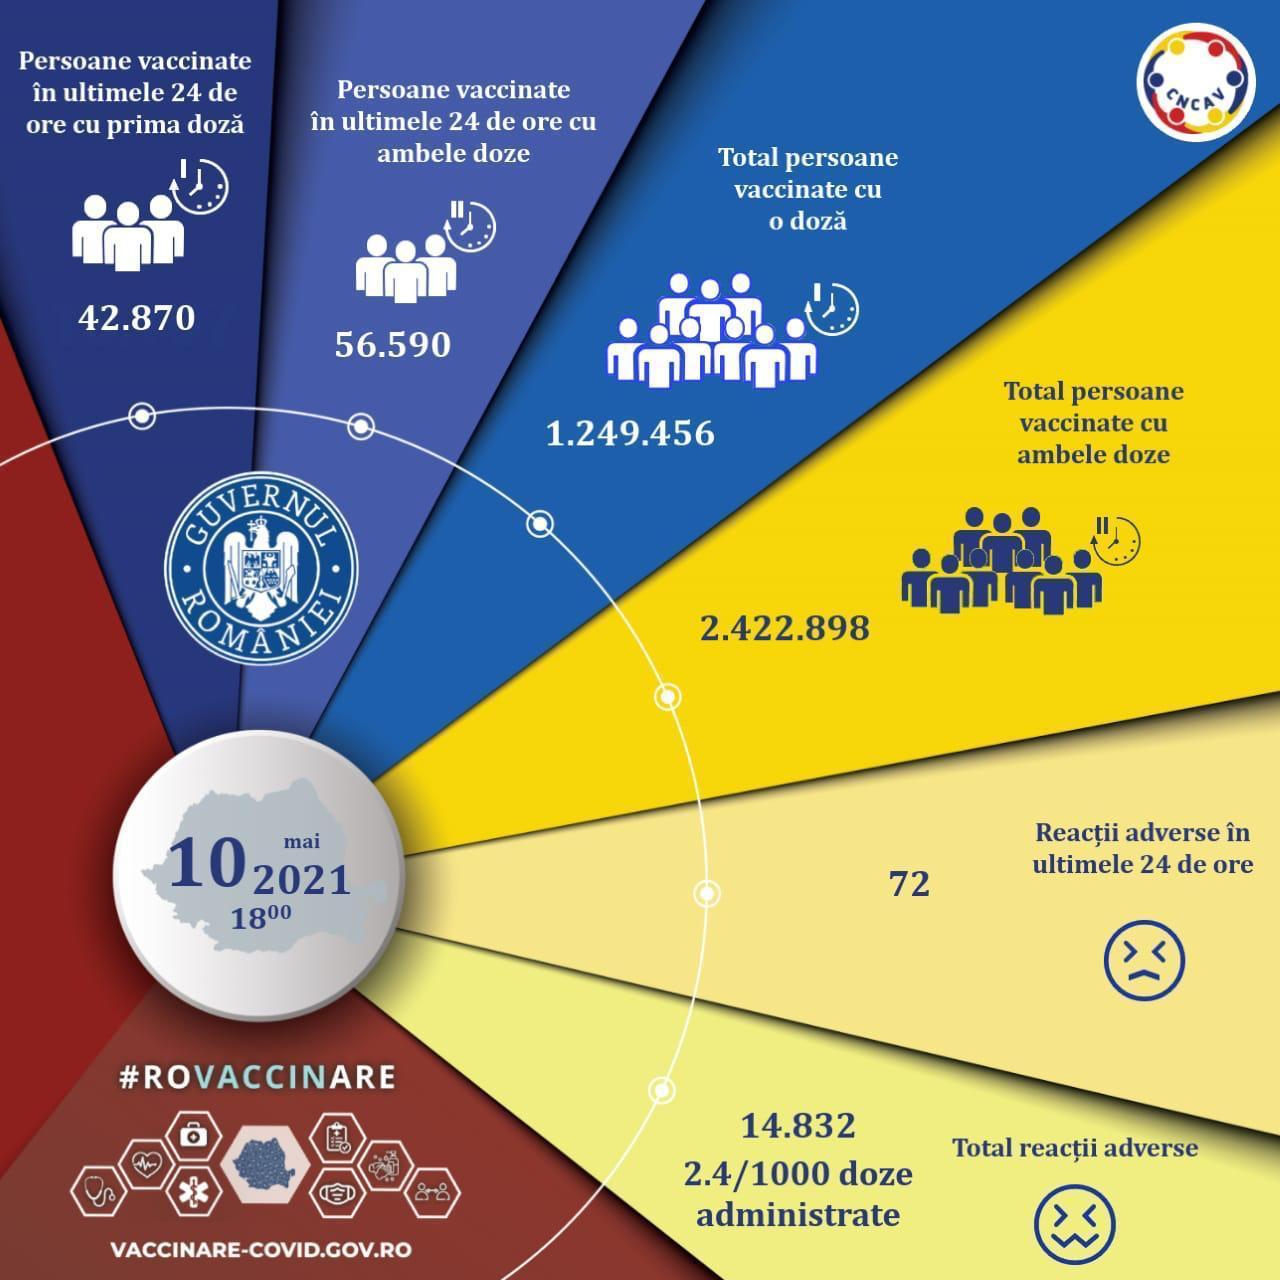 Campania de vaccinare anti-COVID-19. Aproape 100.000 de persoane imunizate în ultimele 24 de ore